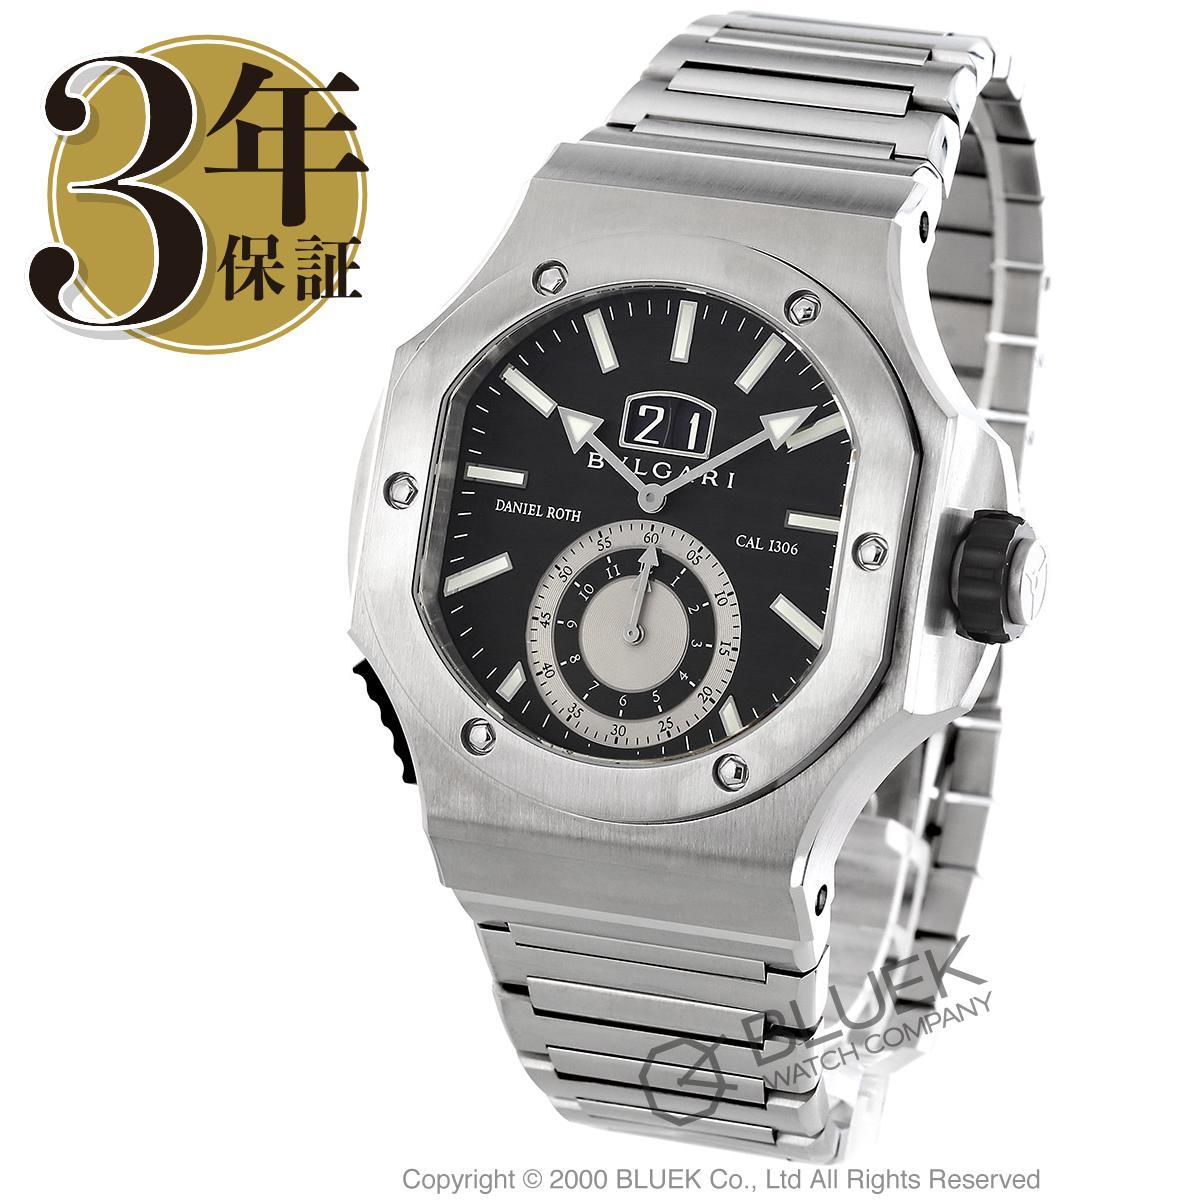 ブルガリ ダニエル ロート クロノスプリント クロノグラフ 腕時計 メンズ BVLGARI BRE56BSSDCHS_8